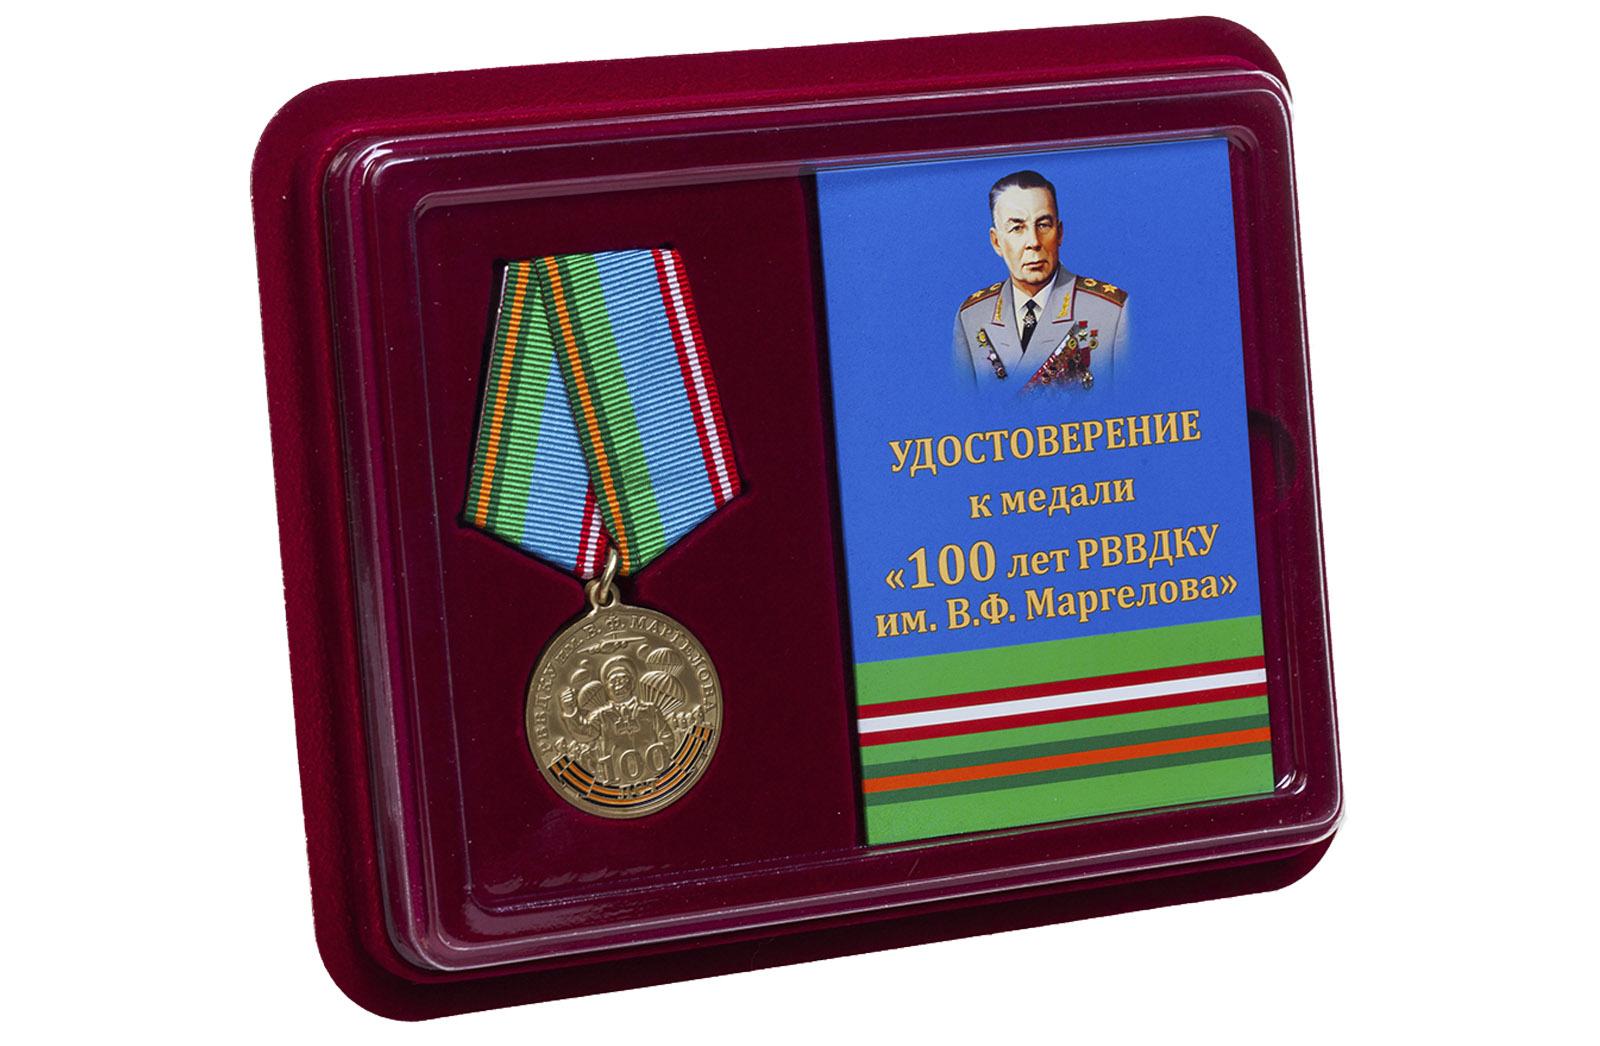 Медаль к вековому юбилею РВВДКУ им. В. Ф. Маргелова - в футляре с удостоверением